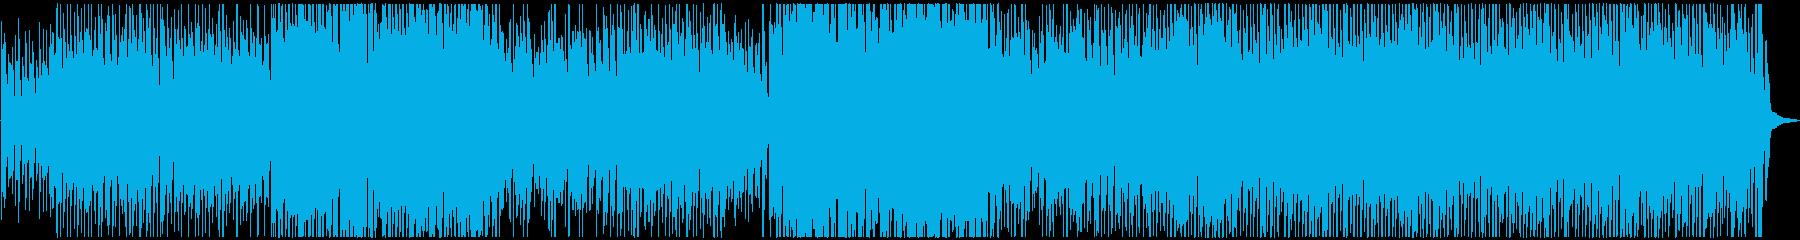 ワクワク、コミカル、ピアノの再生済みの波形